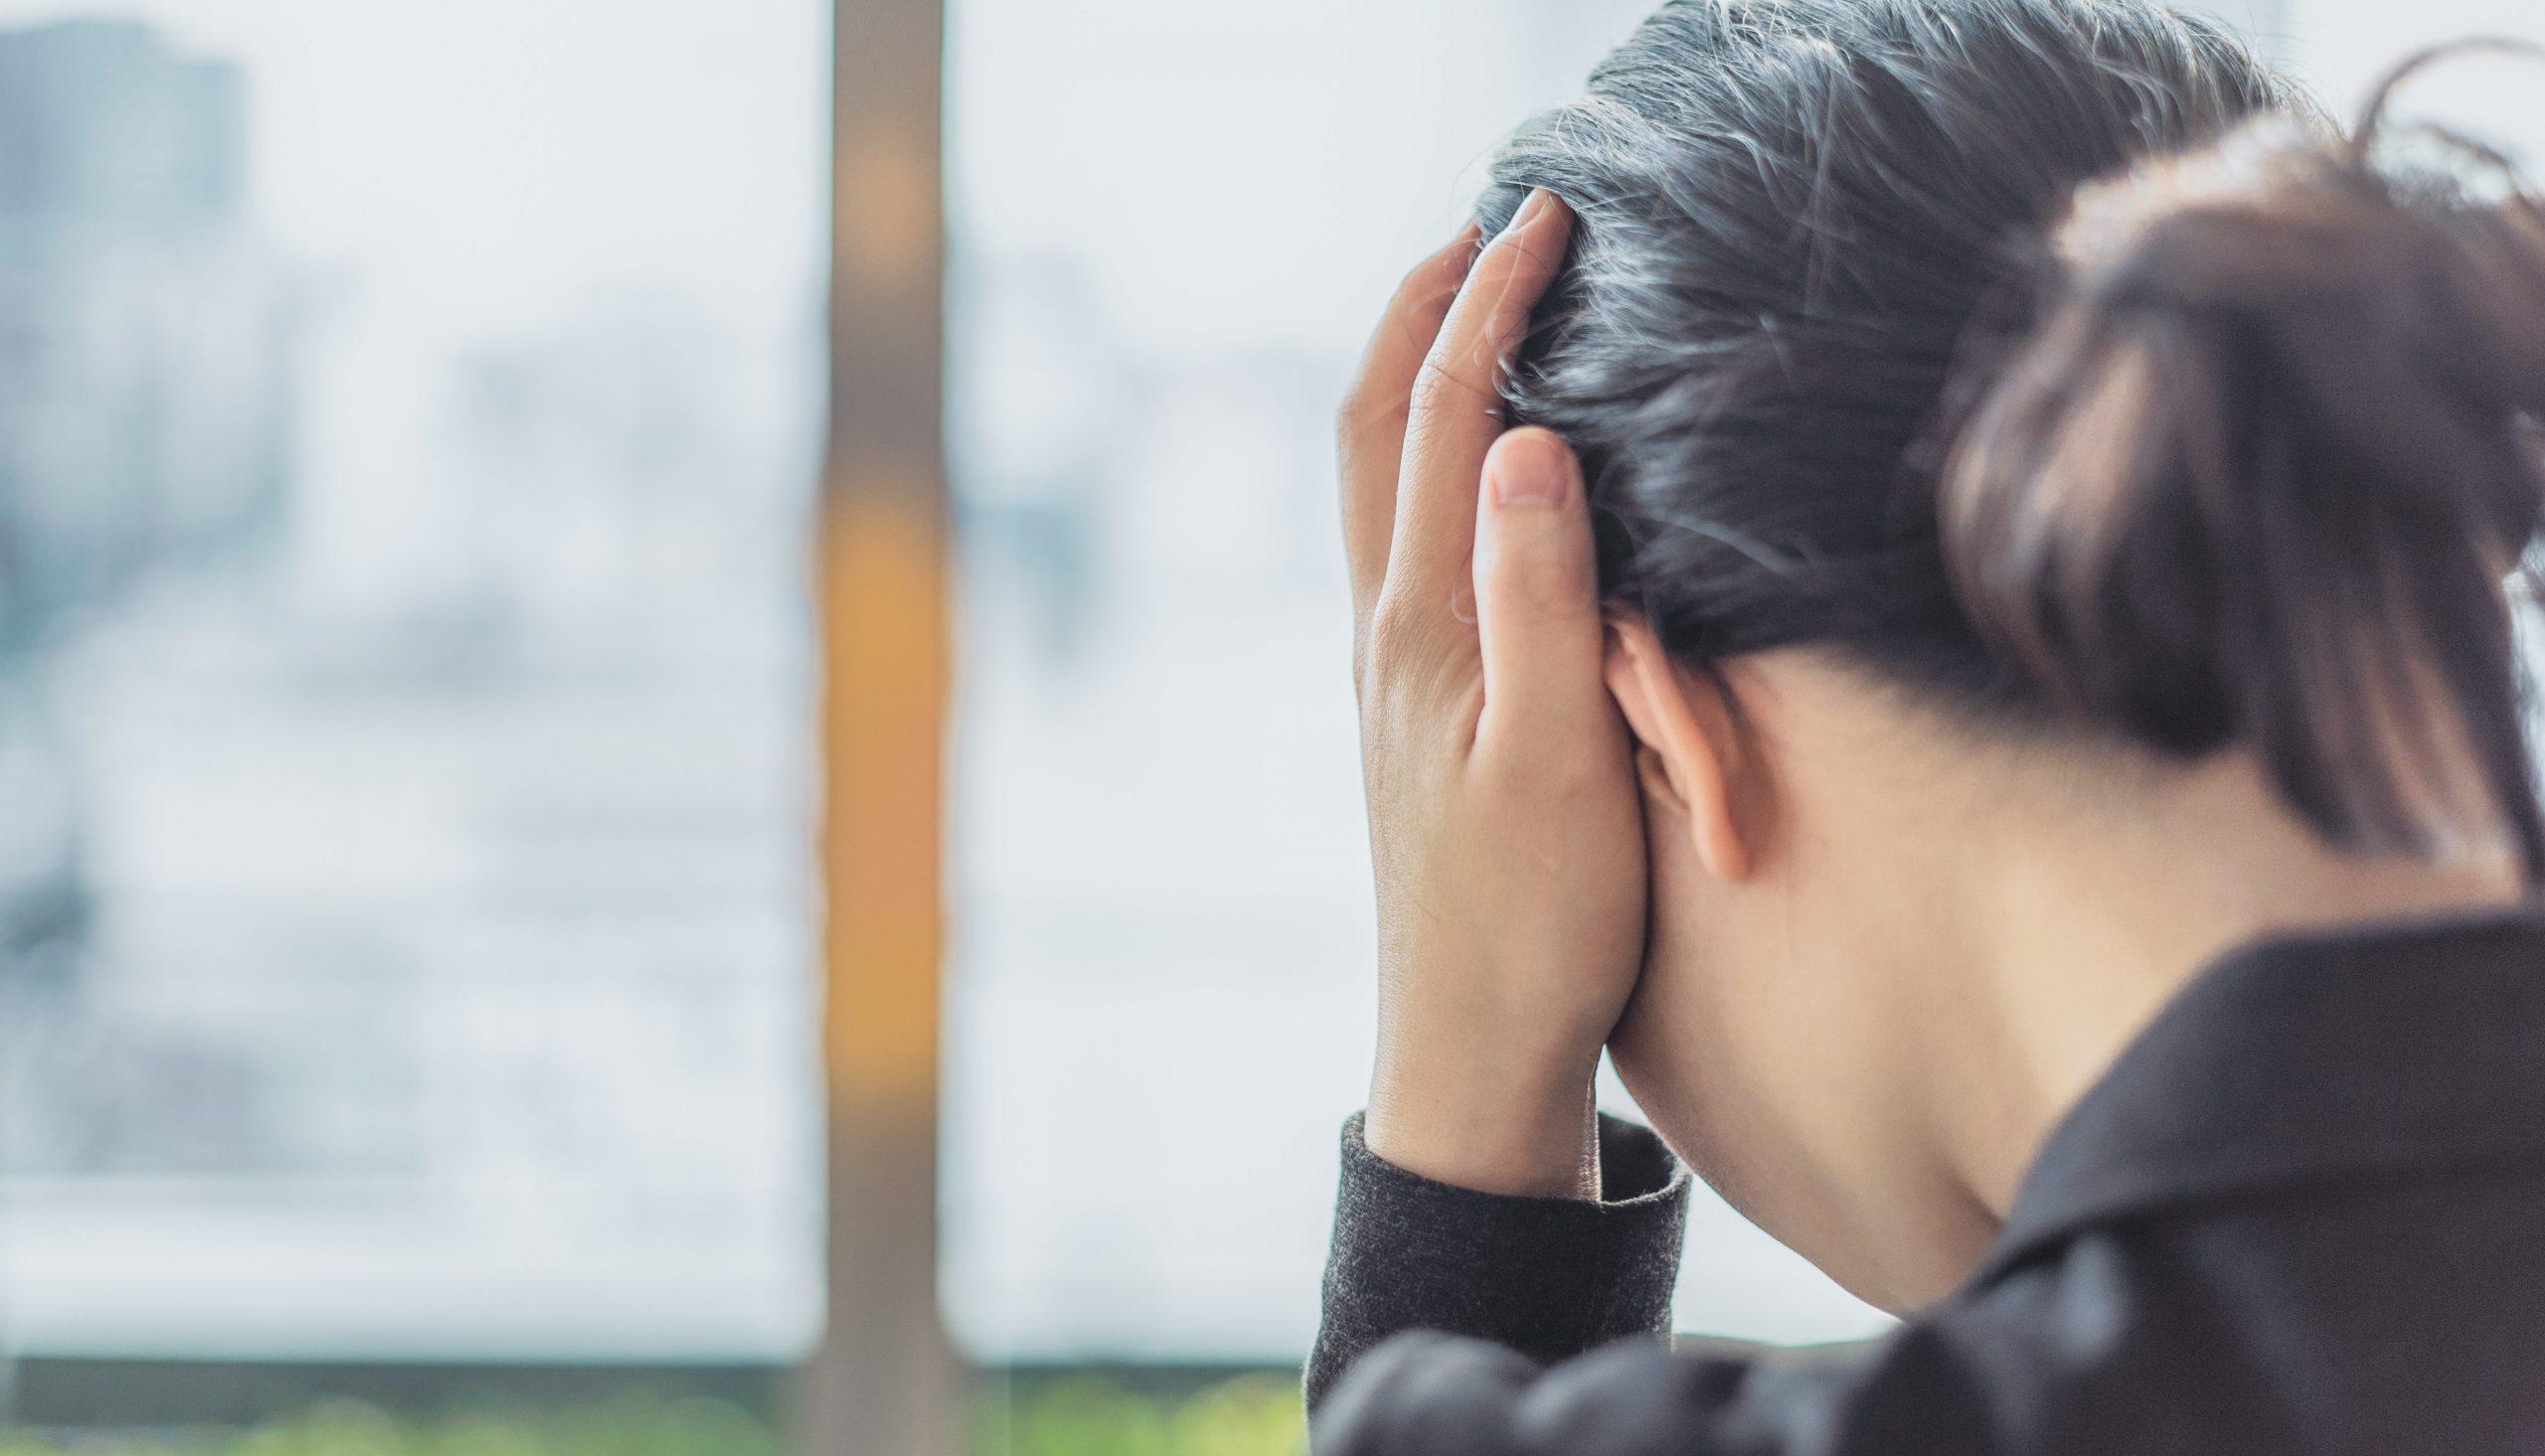 Pesquisa de universidade aponta o aumento massivo de sintomas de ansiedade nos últimos meses